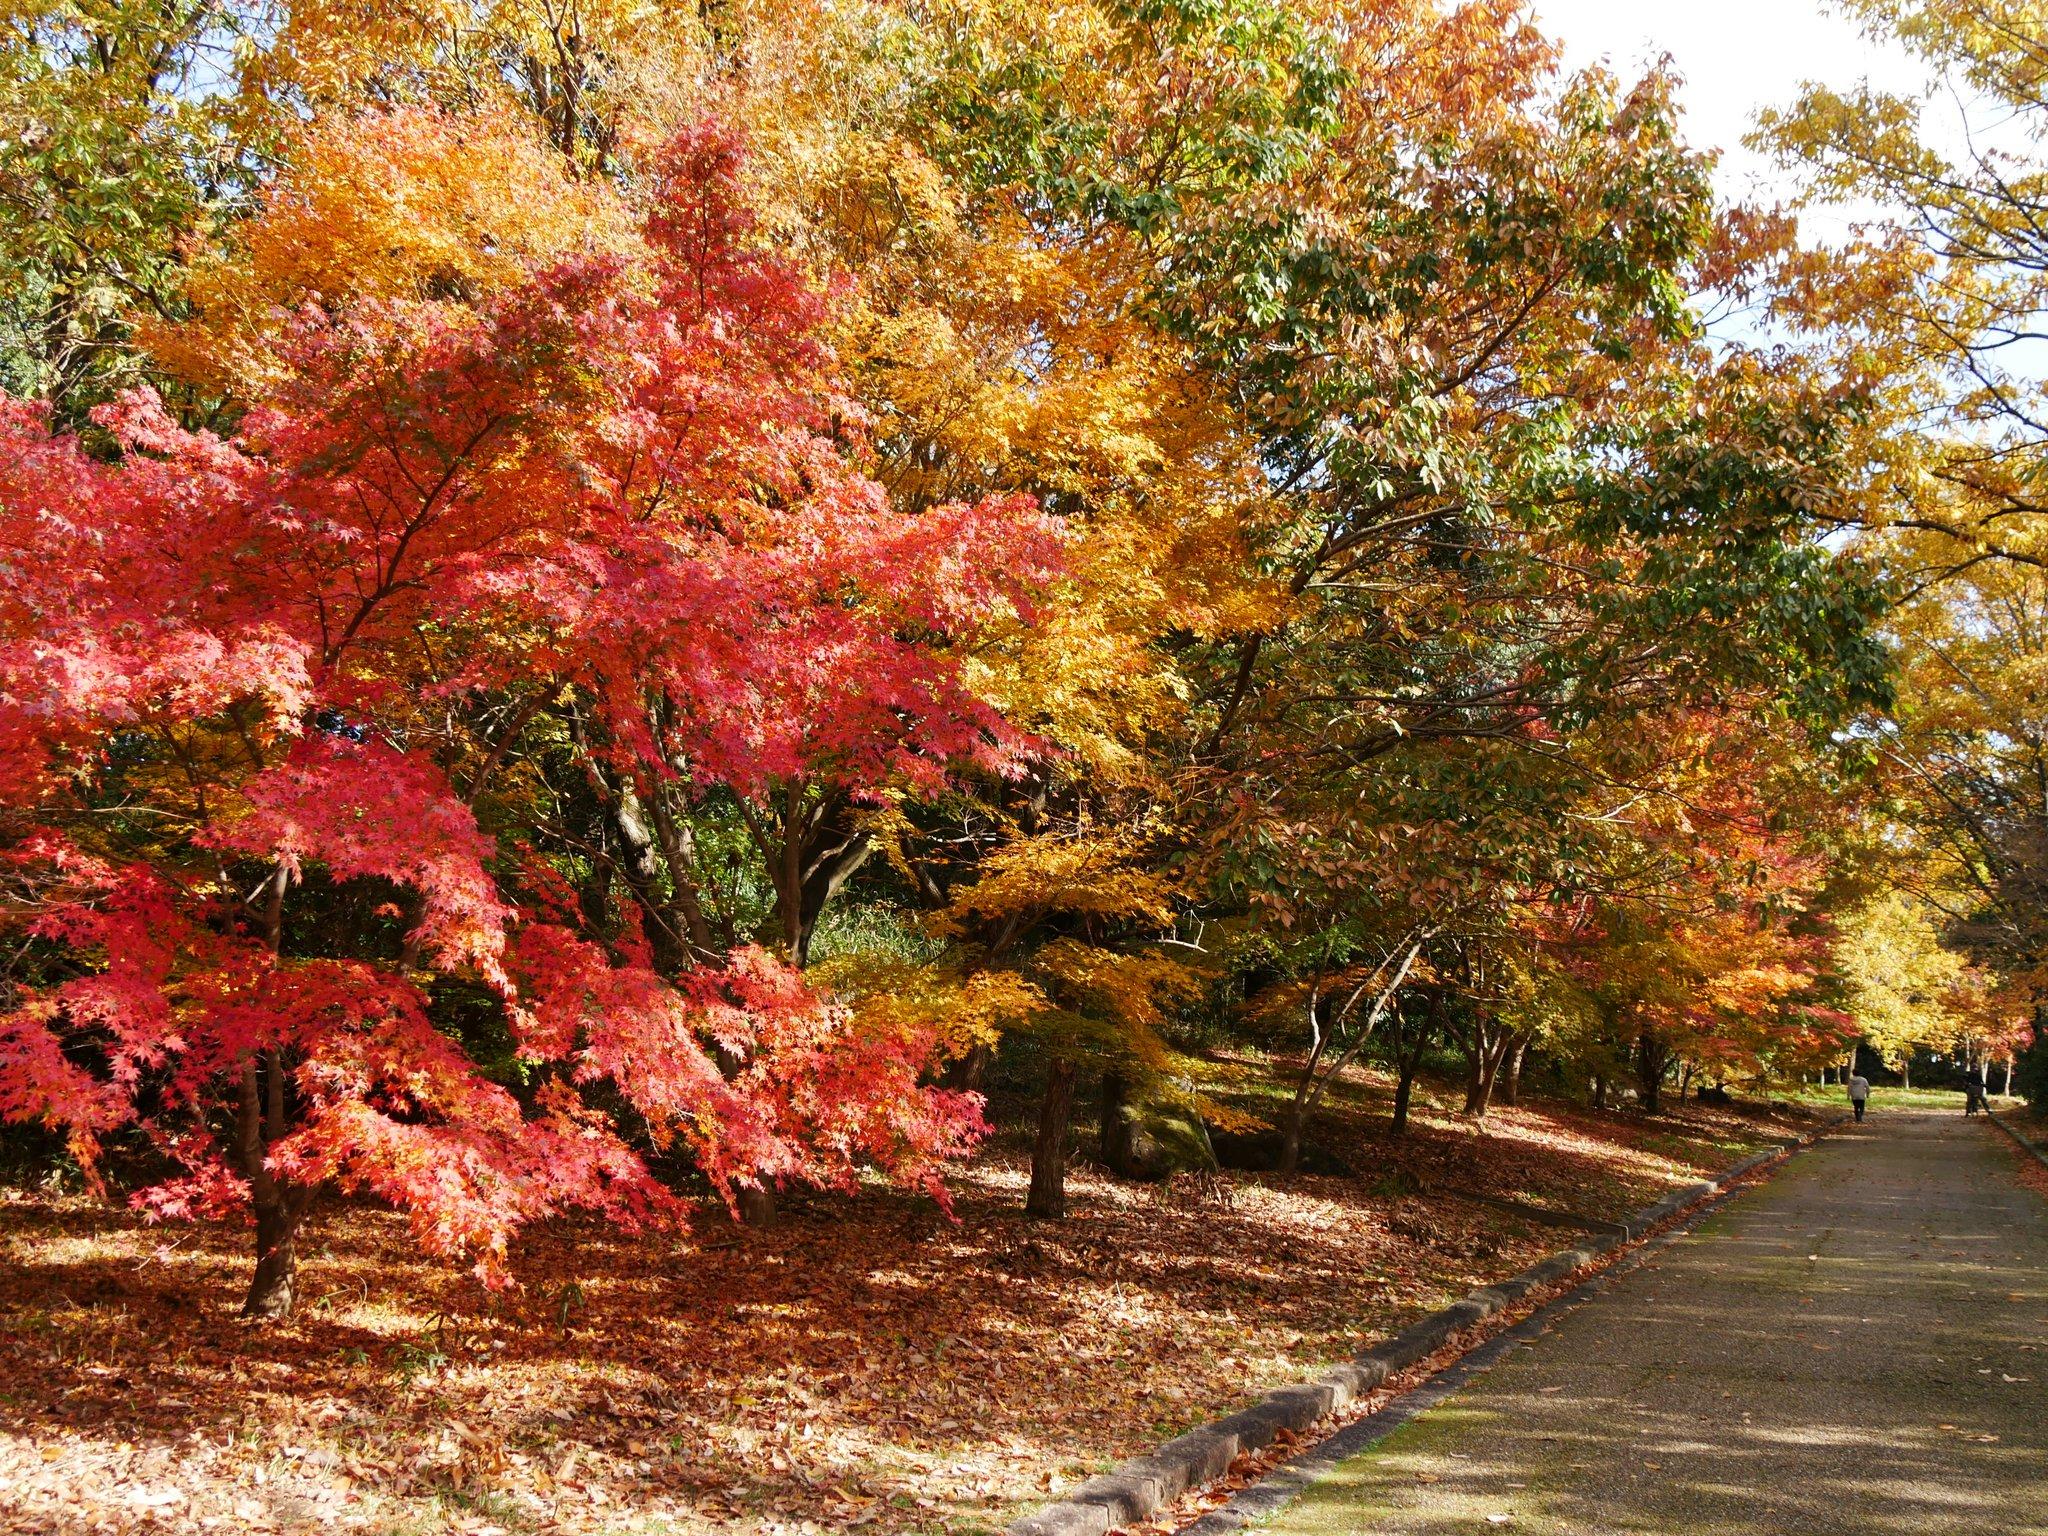 山田池公園の紅葉【2019】見頃や混雑状況、子供連れでも楽しめる?花見と紅葉が楽しめる山田池公園